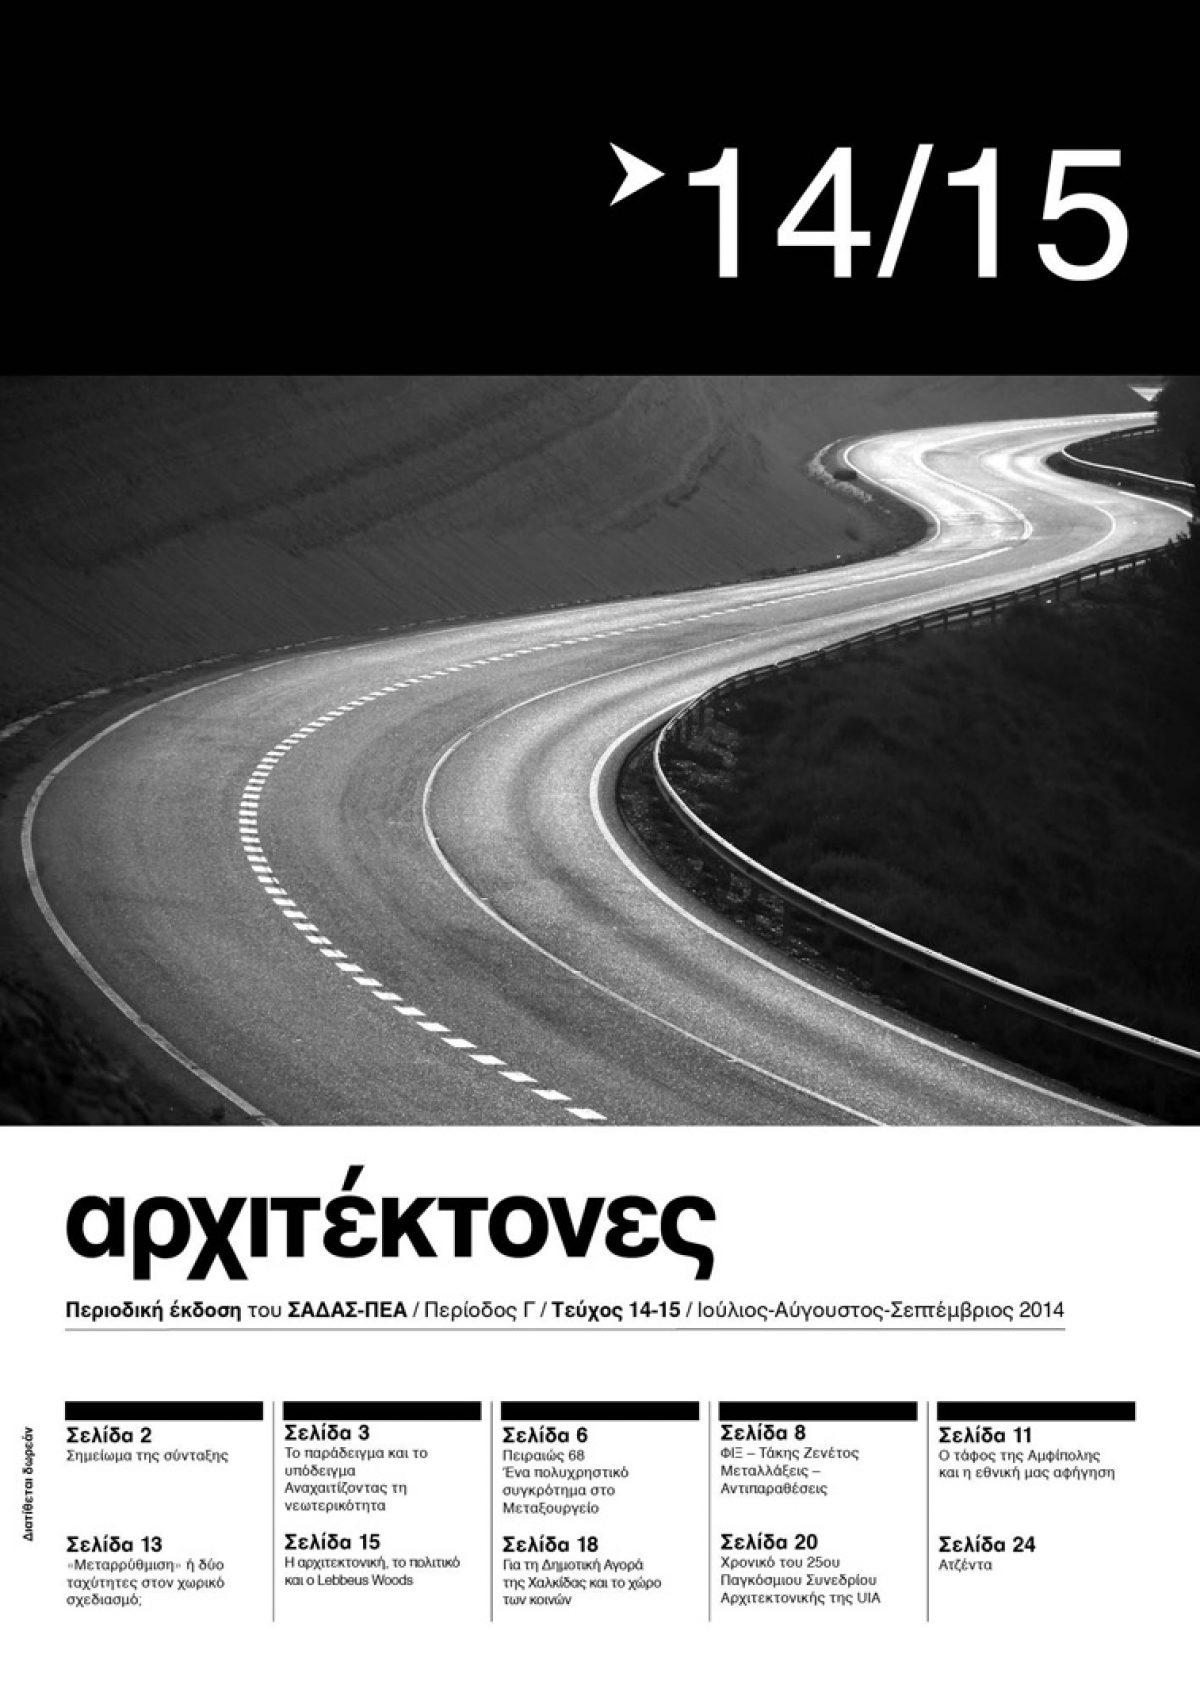 «ΑΡΧΙΤΕΚΤΟΝΕΣ» Περιοδική έκδοση του ΣΑΔΑΣ-ΠΕΑ Τεύχος 14-15, Περίοδος Γ- Σεπτέμβριος 2014- Διαδρομές